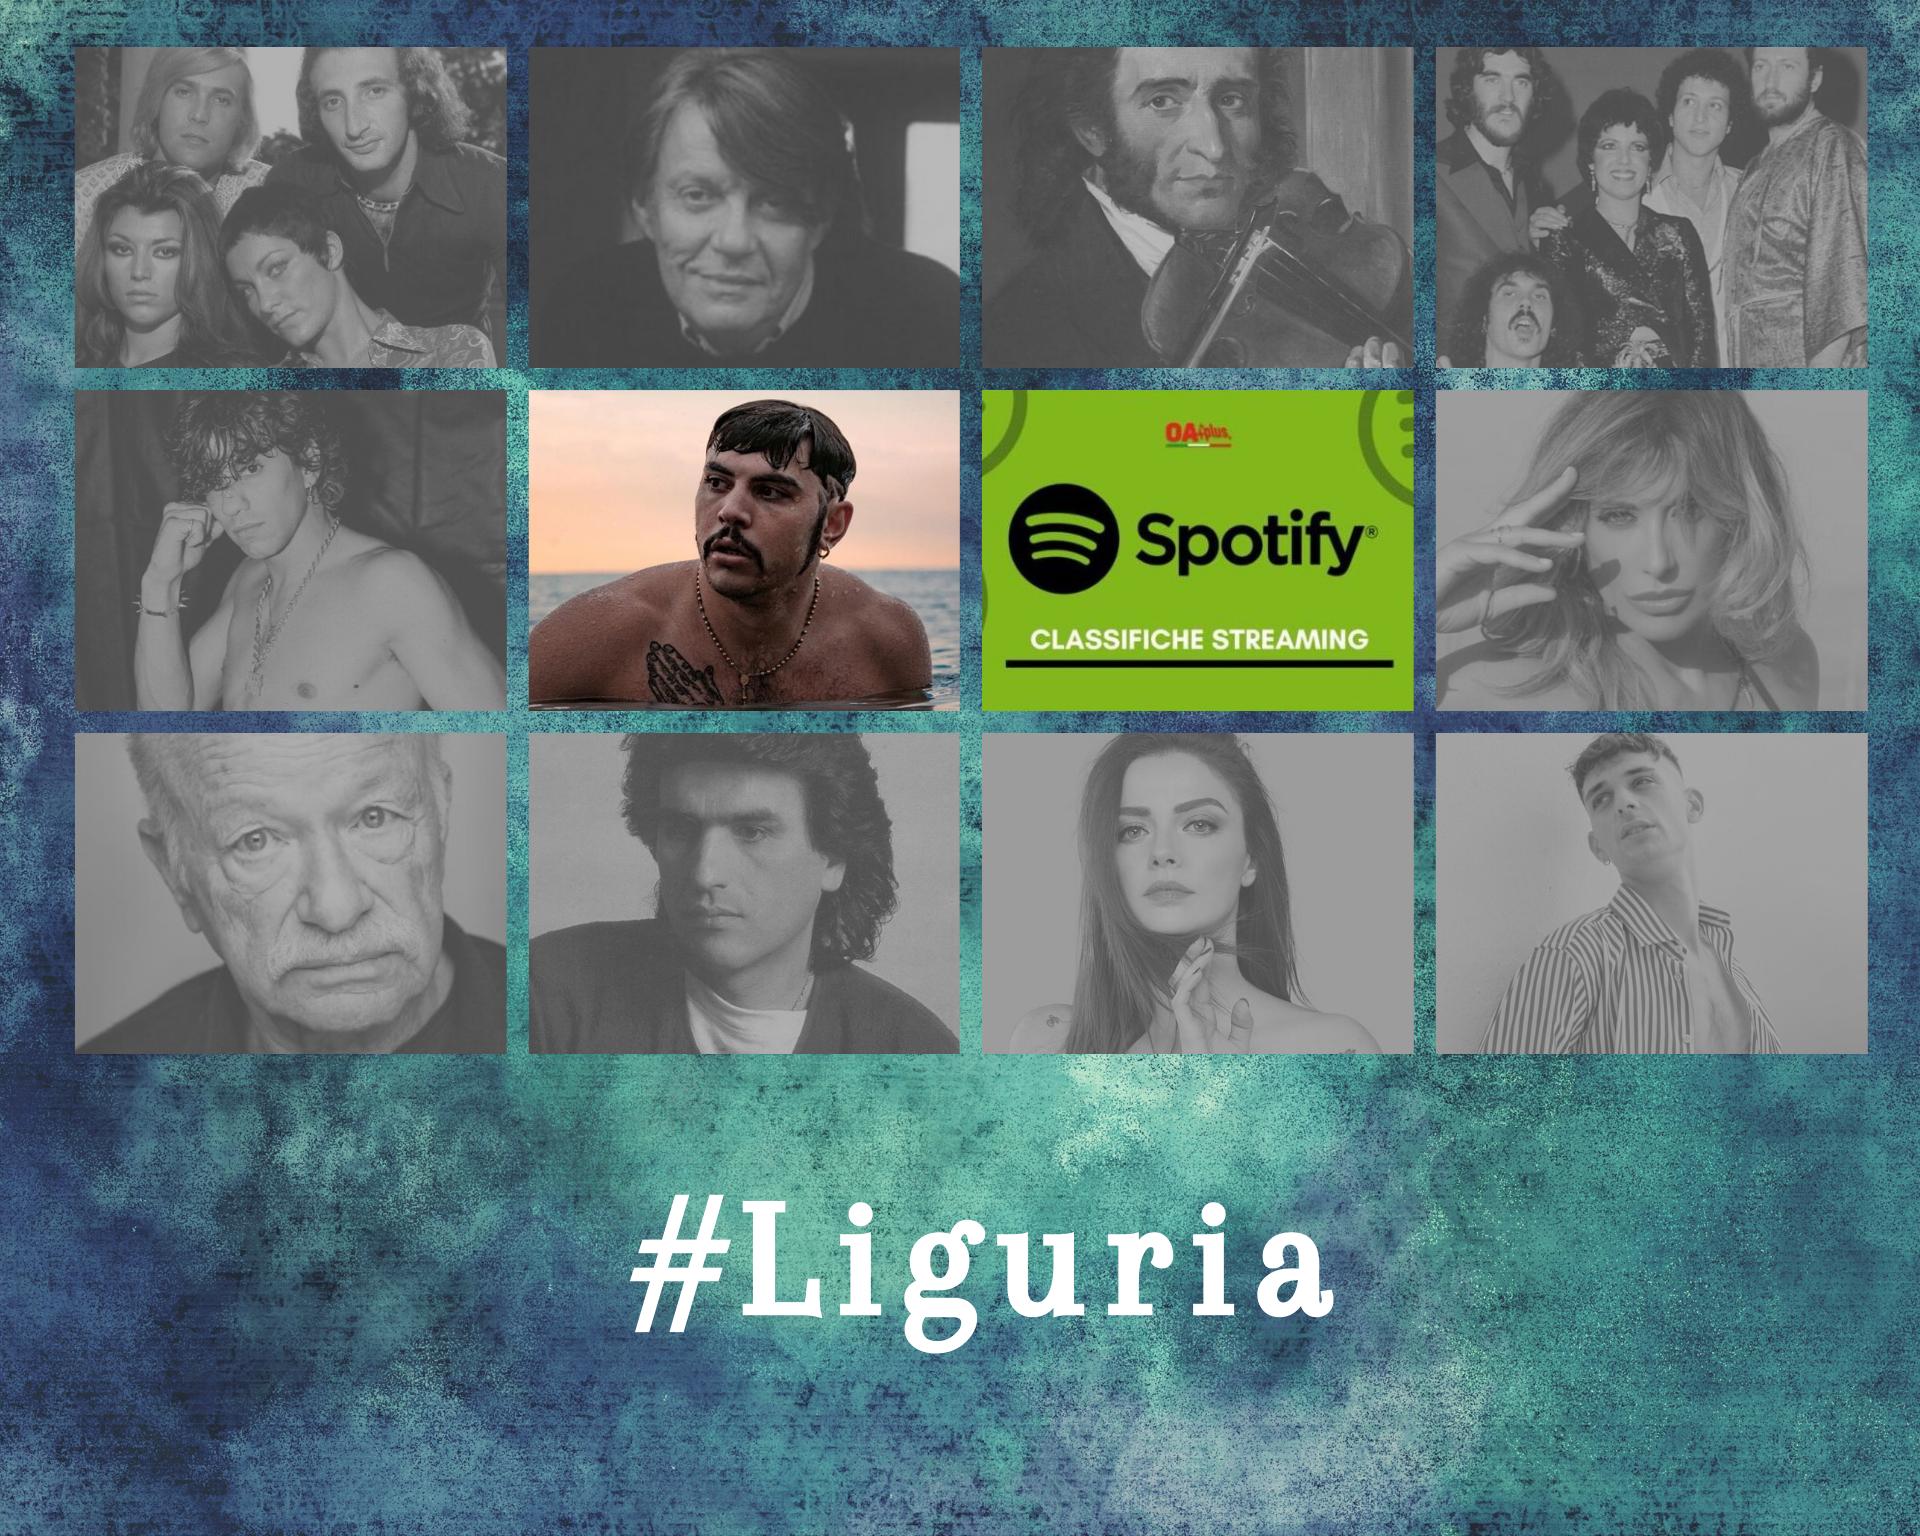 Cantanti della Liguria più ascoltati su Spotify: i rapper Izi e Tedua superano Ricchi e Poveri e Fabrizio De Andrè